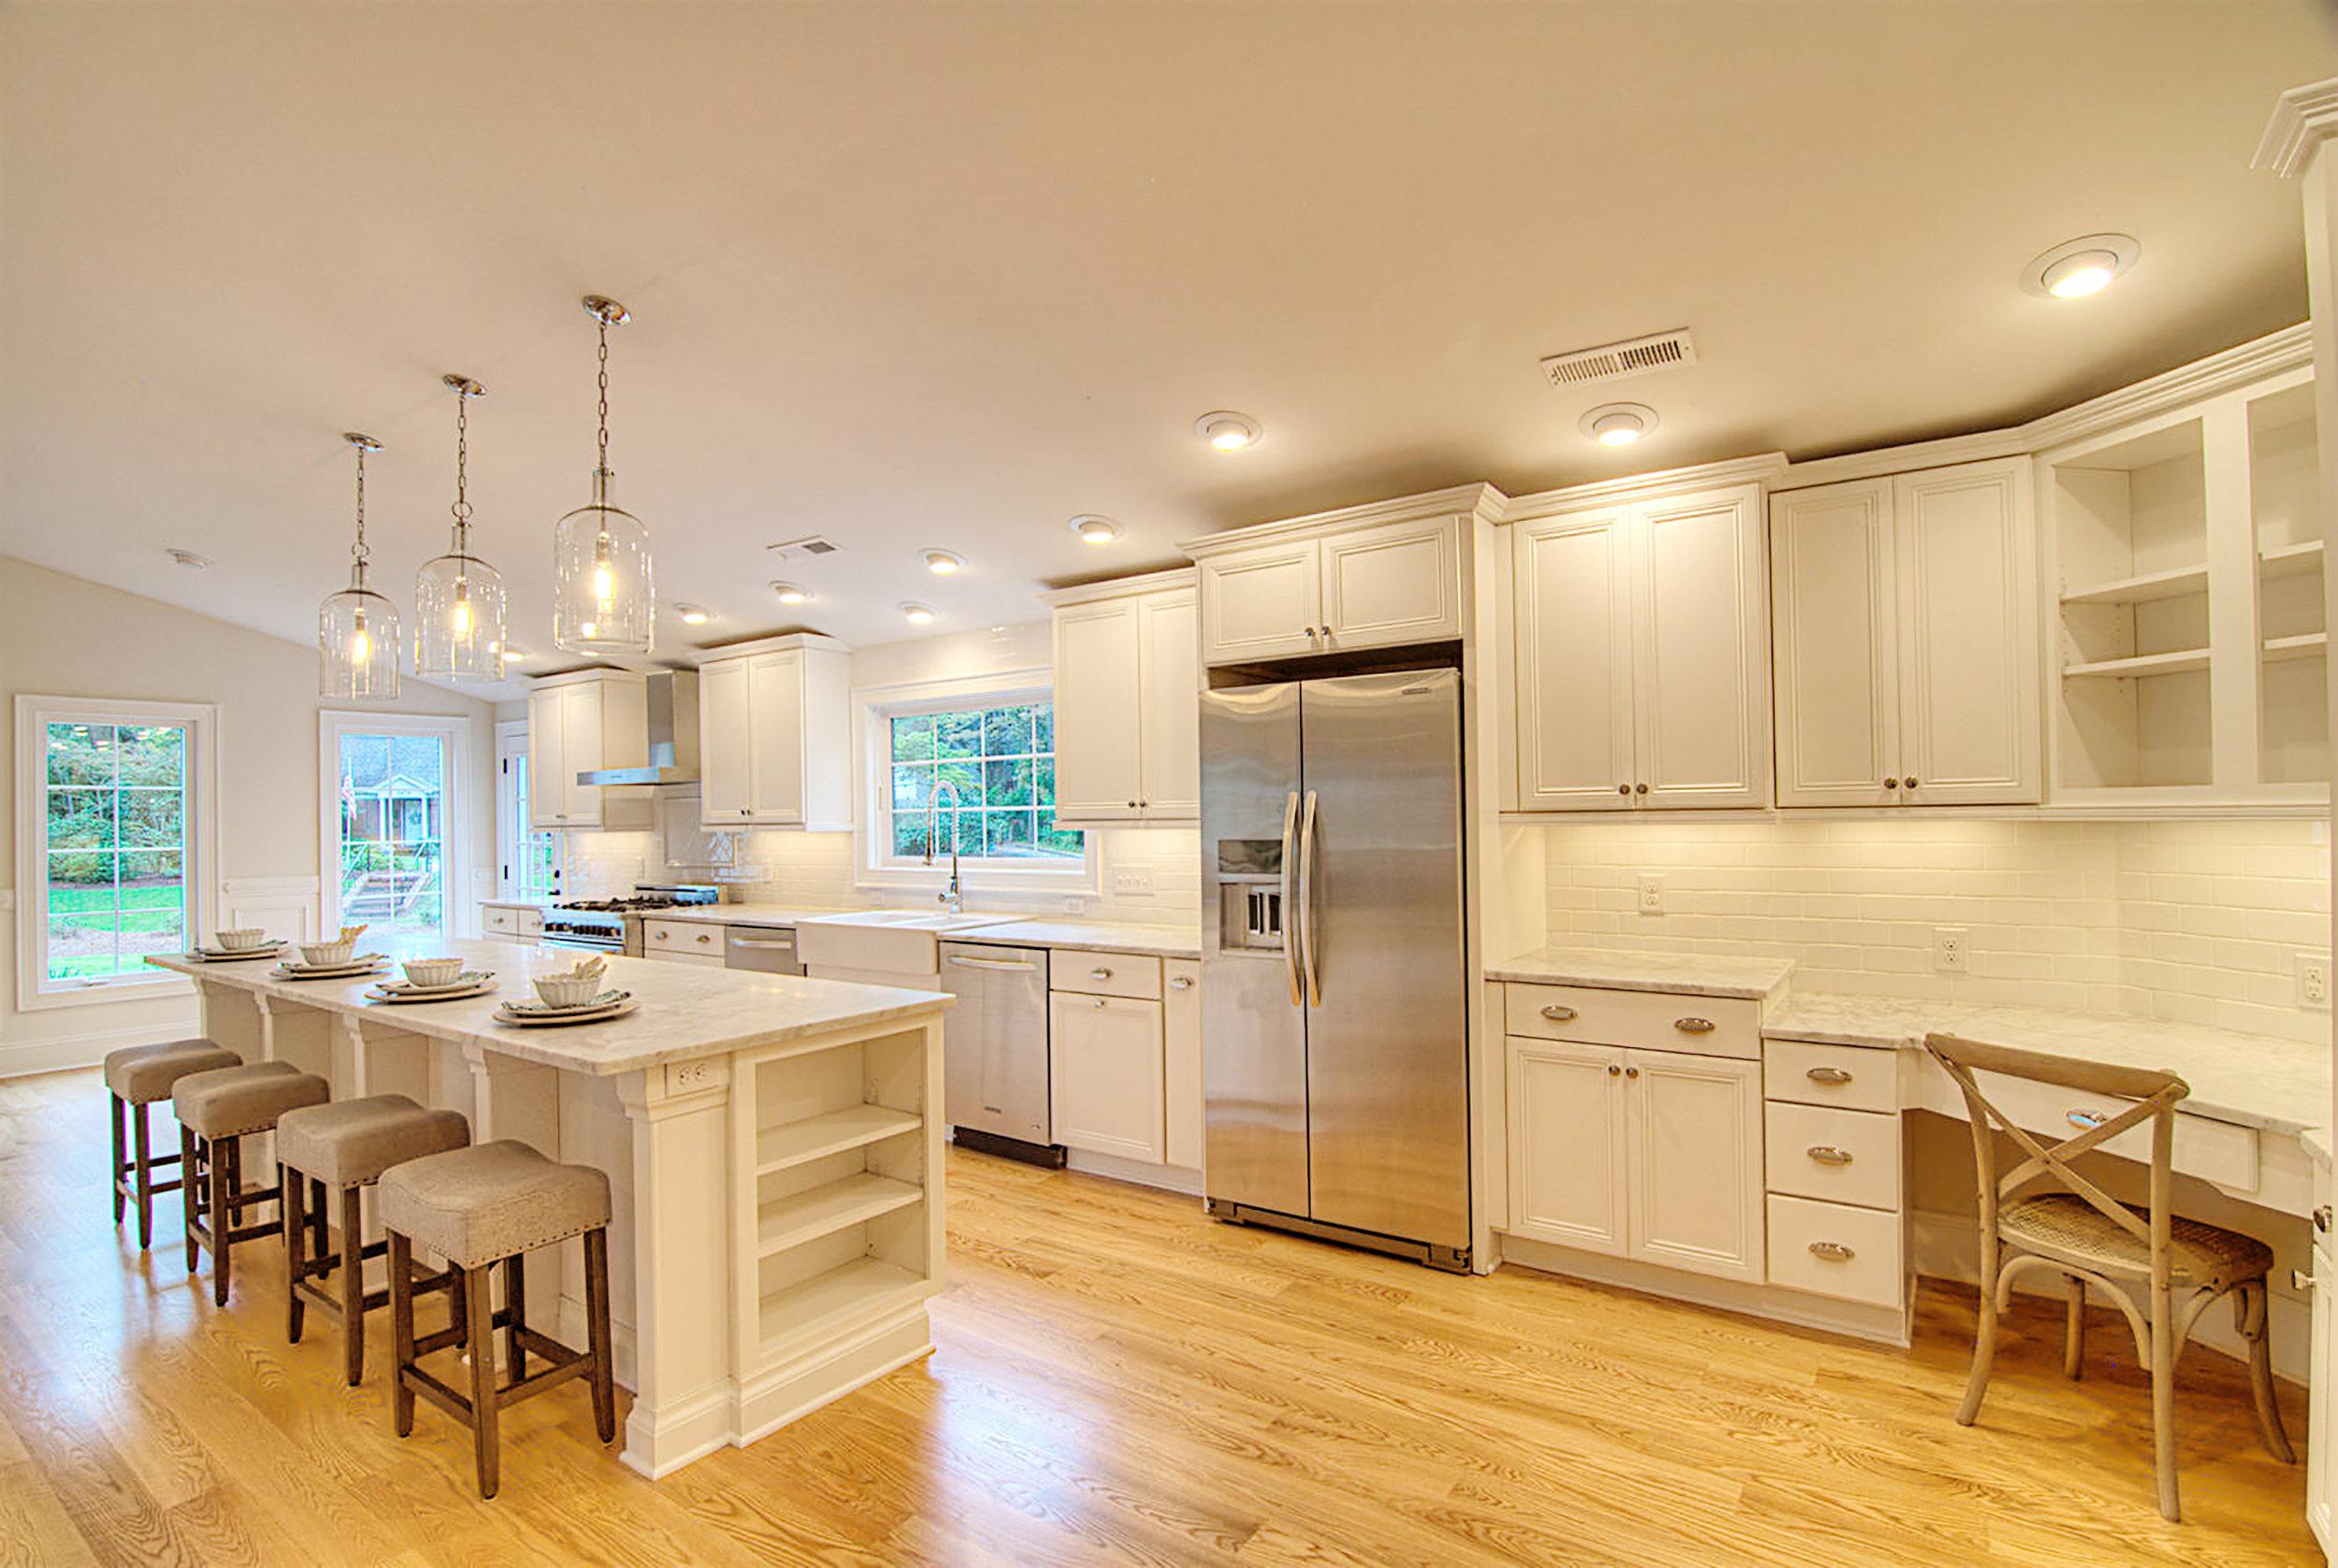 azalea kitchen2.jpg